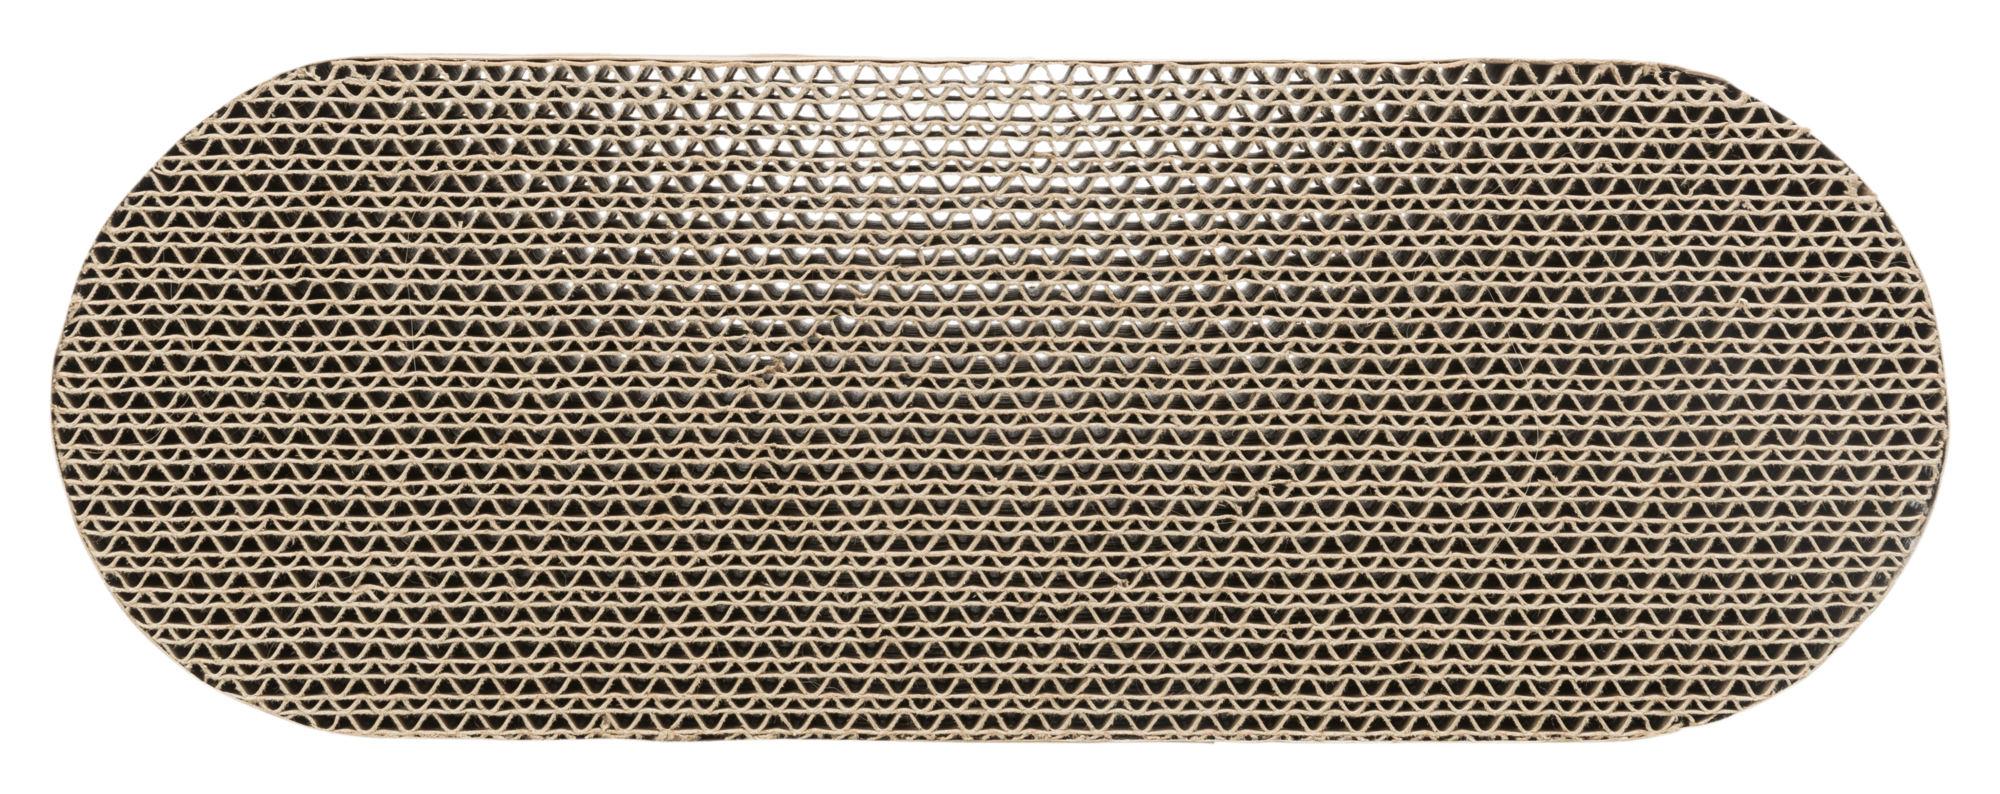 TRIXIE Ersatzpappe für Kratzpappe #48020, 33 × 3,5 cm